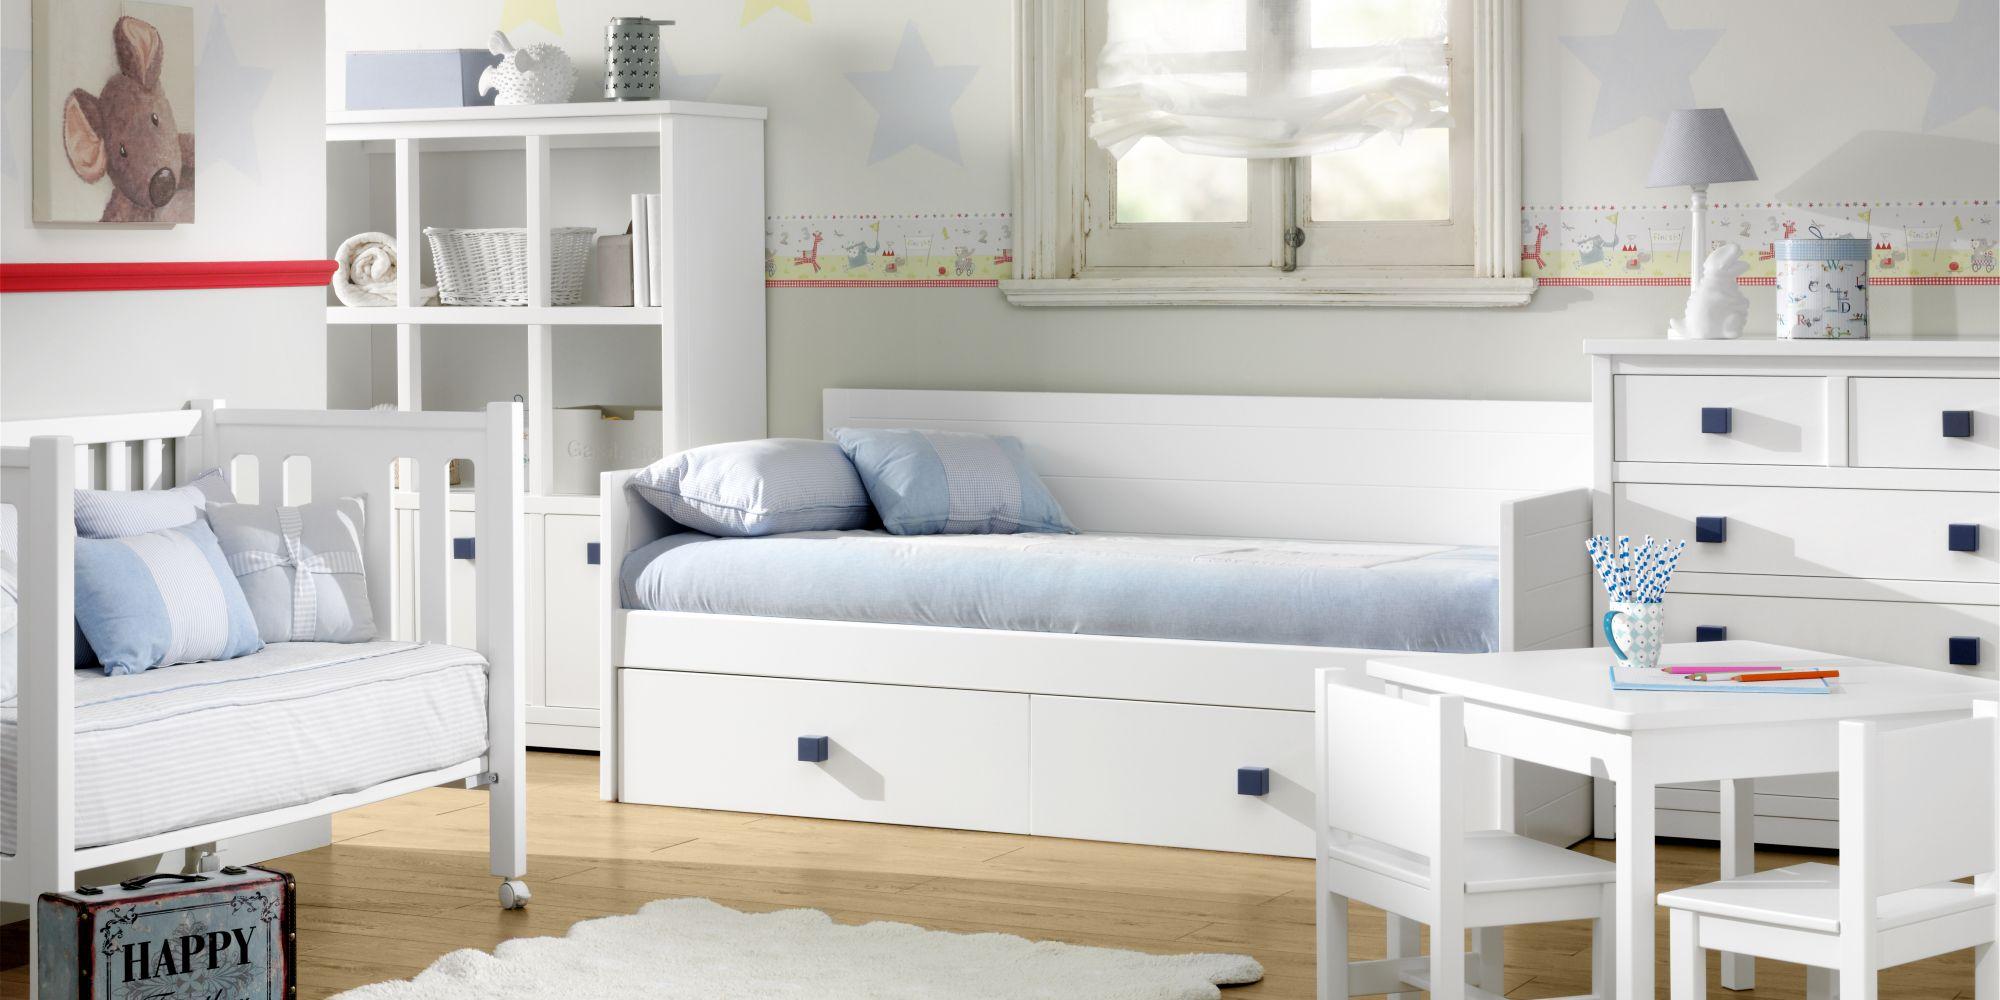 Cama nido, cuna con barandilla móvil, comoda de cajones, librero y zona de juego completando una estancia ideal para el disfrute de los pequeños de la casa | Mueble Infantil